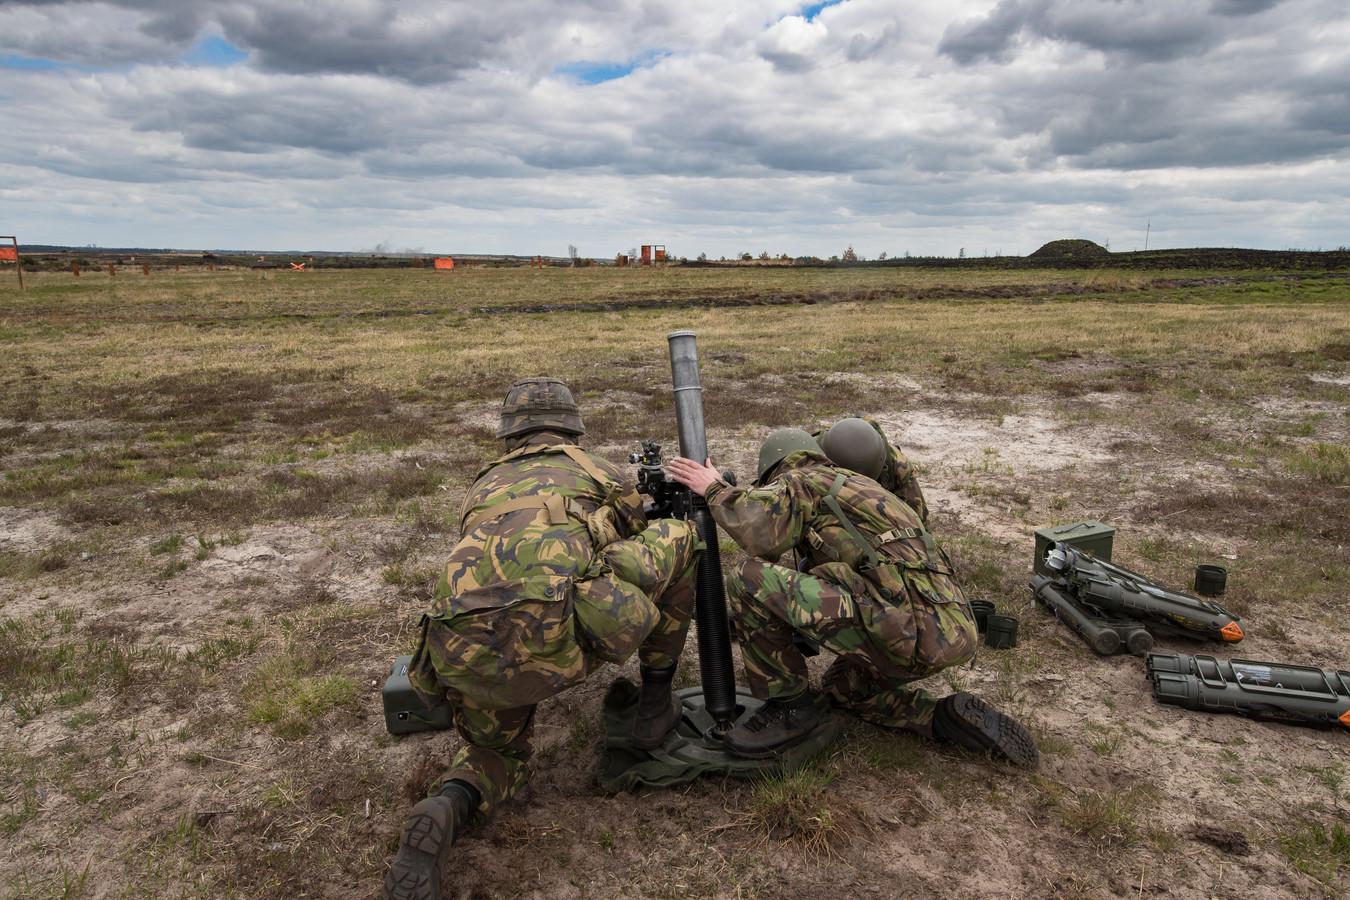 Op het Artillerie Schietkamp bij 't Harde worden regelmatig schietoefeningen met mortieren gehouden. Maar ook andere wapens komen aan bod.